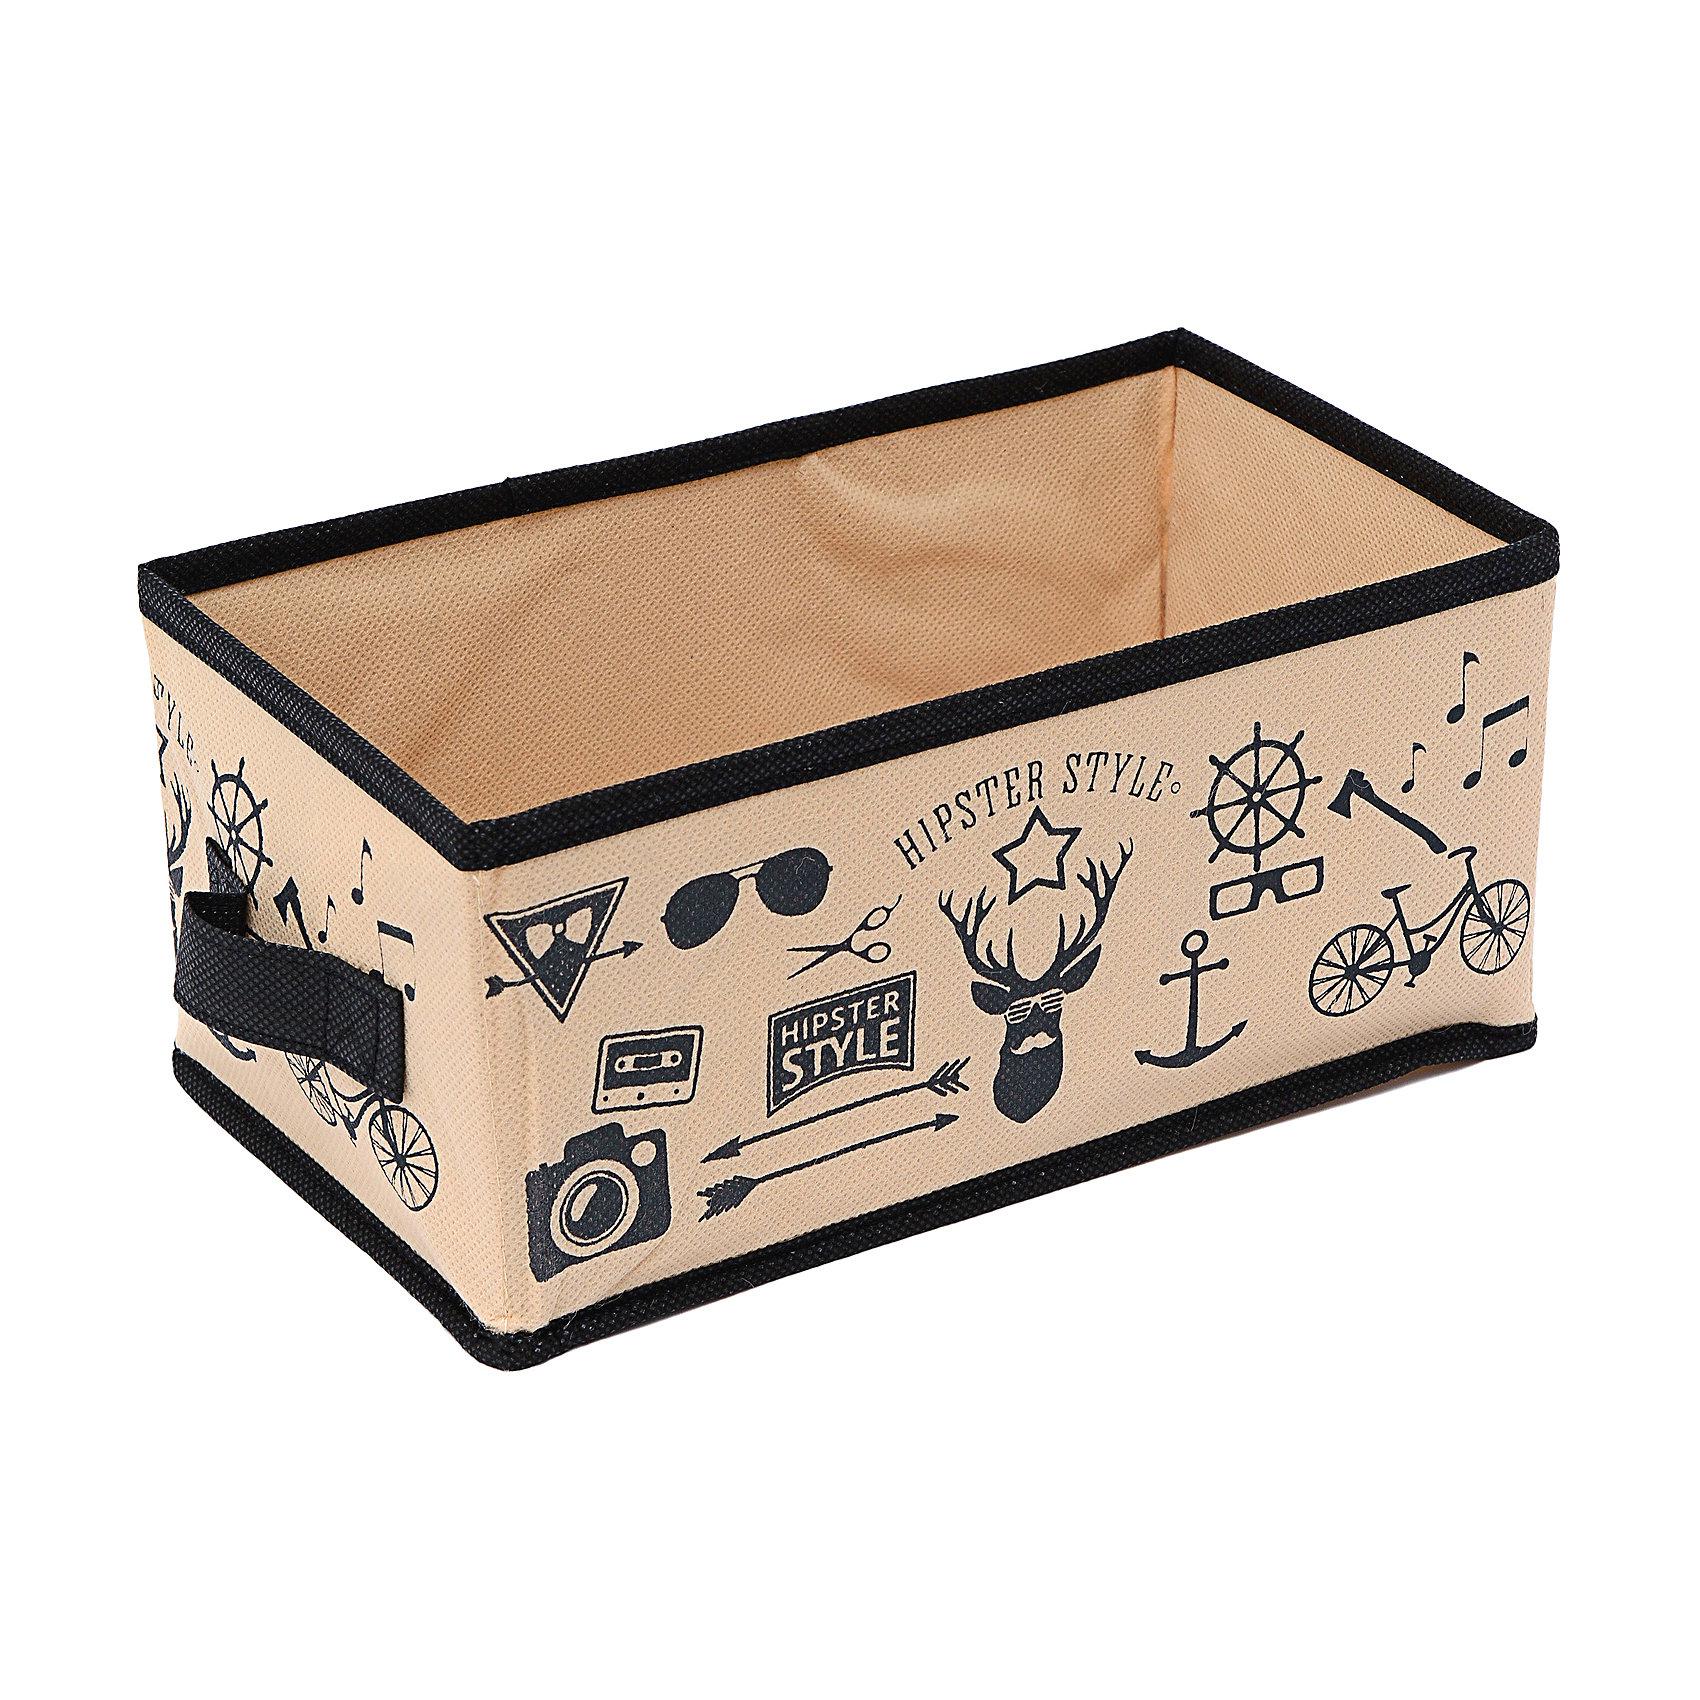 Малый ящик с ручкой (28*14*13) Hipster Style, HomsuПорядок в детской<br>Характеристики товара:<br><br>• цвет: бежевый<br>• материал: спанбонд, картон, ПВХ<br>• размер: 28х14х13 см<br>• вес: 200 г<br>• легкий прочный каркас<br>• ручка для переноски<br>• вместимость: 1 отделение<br>• страна бренда: Россия<br>• страна изготовитель: Китай<br><br>Малый ящик с ручкой Hipster Style от бренда Homsu (Хомсу) - очень удобная вещь для хранения вещей и эргономичной организации пространства.<br><br>Он легкий, устойчивый, вместительный, имеет удобную ручку для переноски.<br><br>Малый ящик с ручкой Hipster Style (28*14*13), Homsu можно купить в нашем интернет-магазине.<br><br>Ширина мм: 450<br>Глубина мм: 150<br>Высота мм: 20<br>Вес г: 200<br>Возраст от месяцев: 216<br>Возраст до месяцев: 1188<br>Пол: Унисекс<br>Возраст: Детский<br>SKU: 5620129